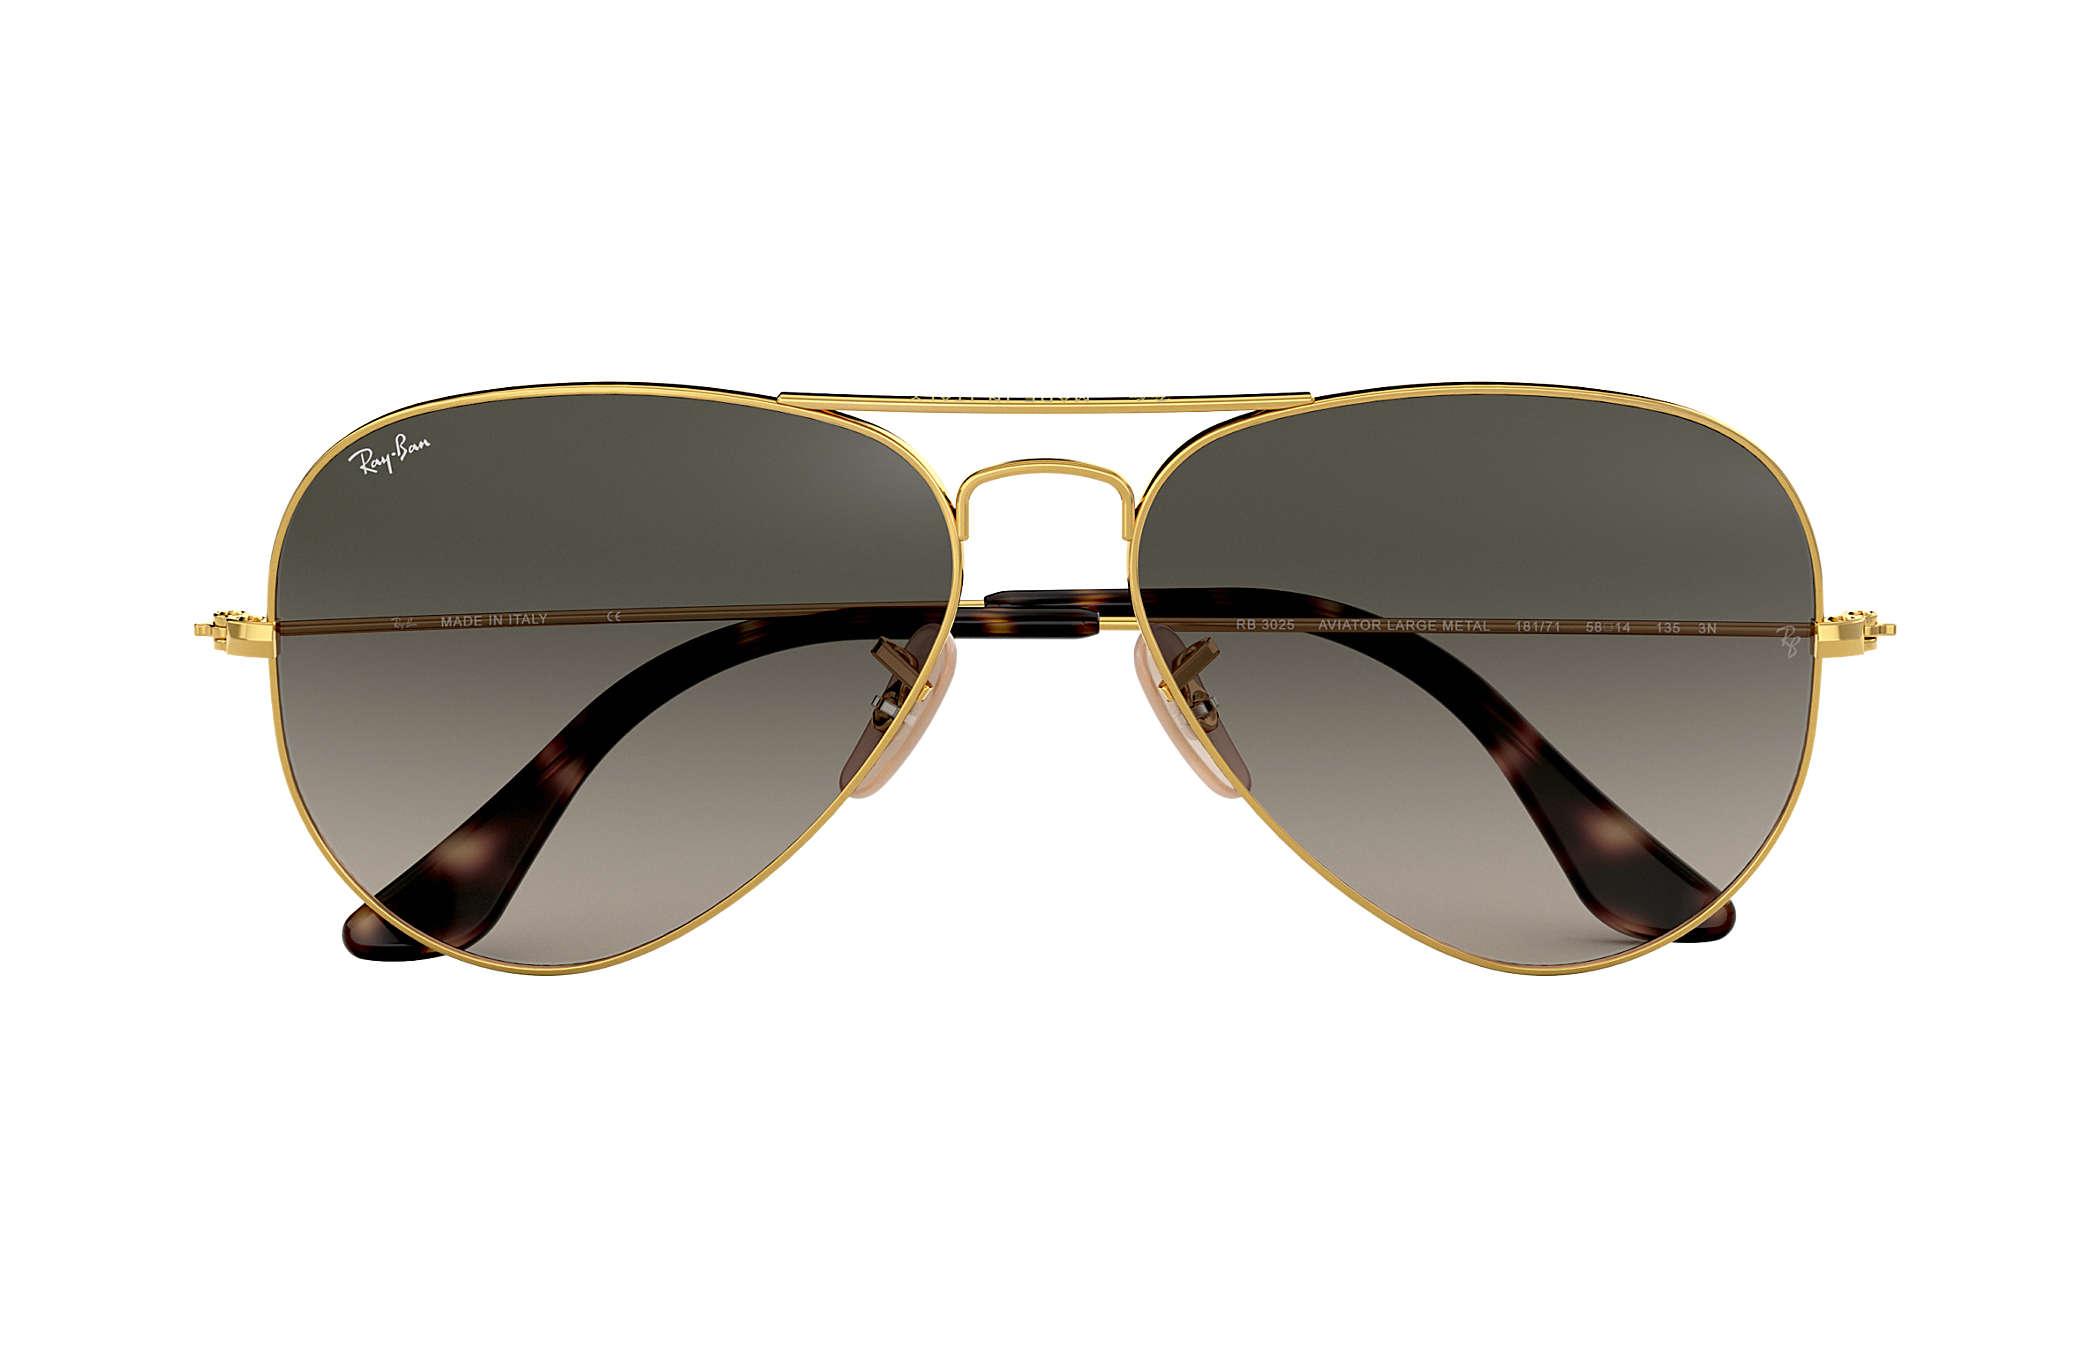 Солнечные очки в пикселях